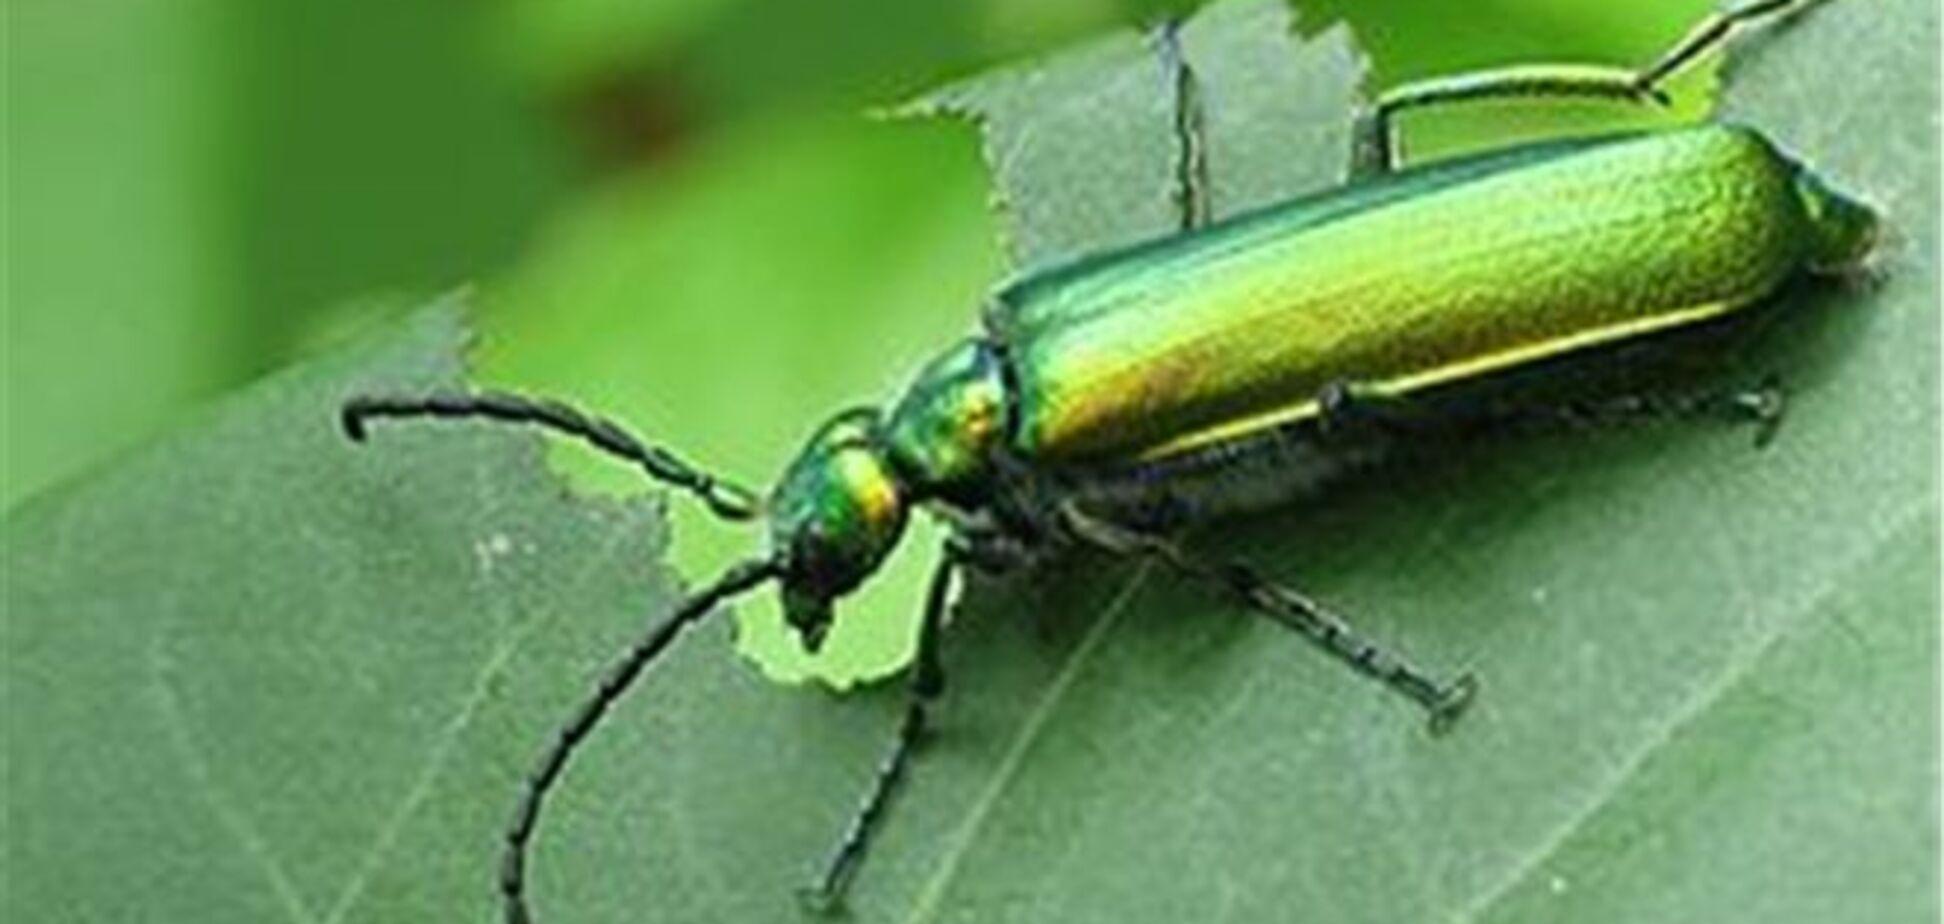 Дівчину примусили до груповій оргії з незнайомцями за допомогою зеленого жука